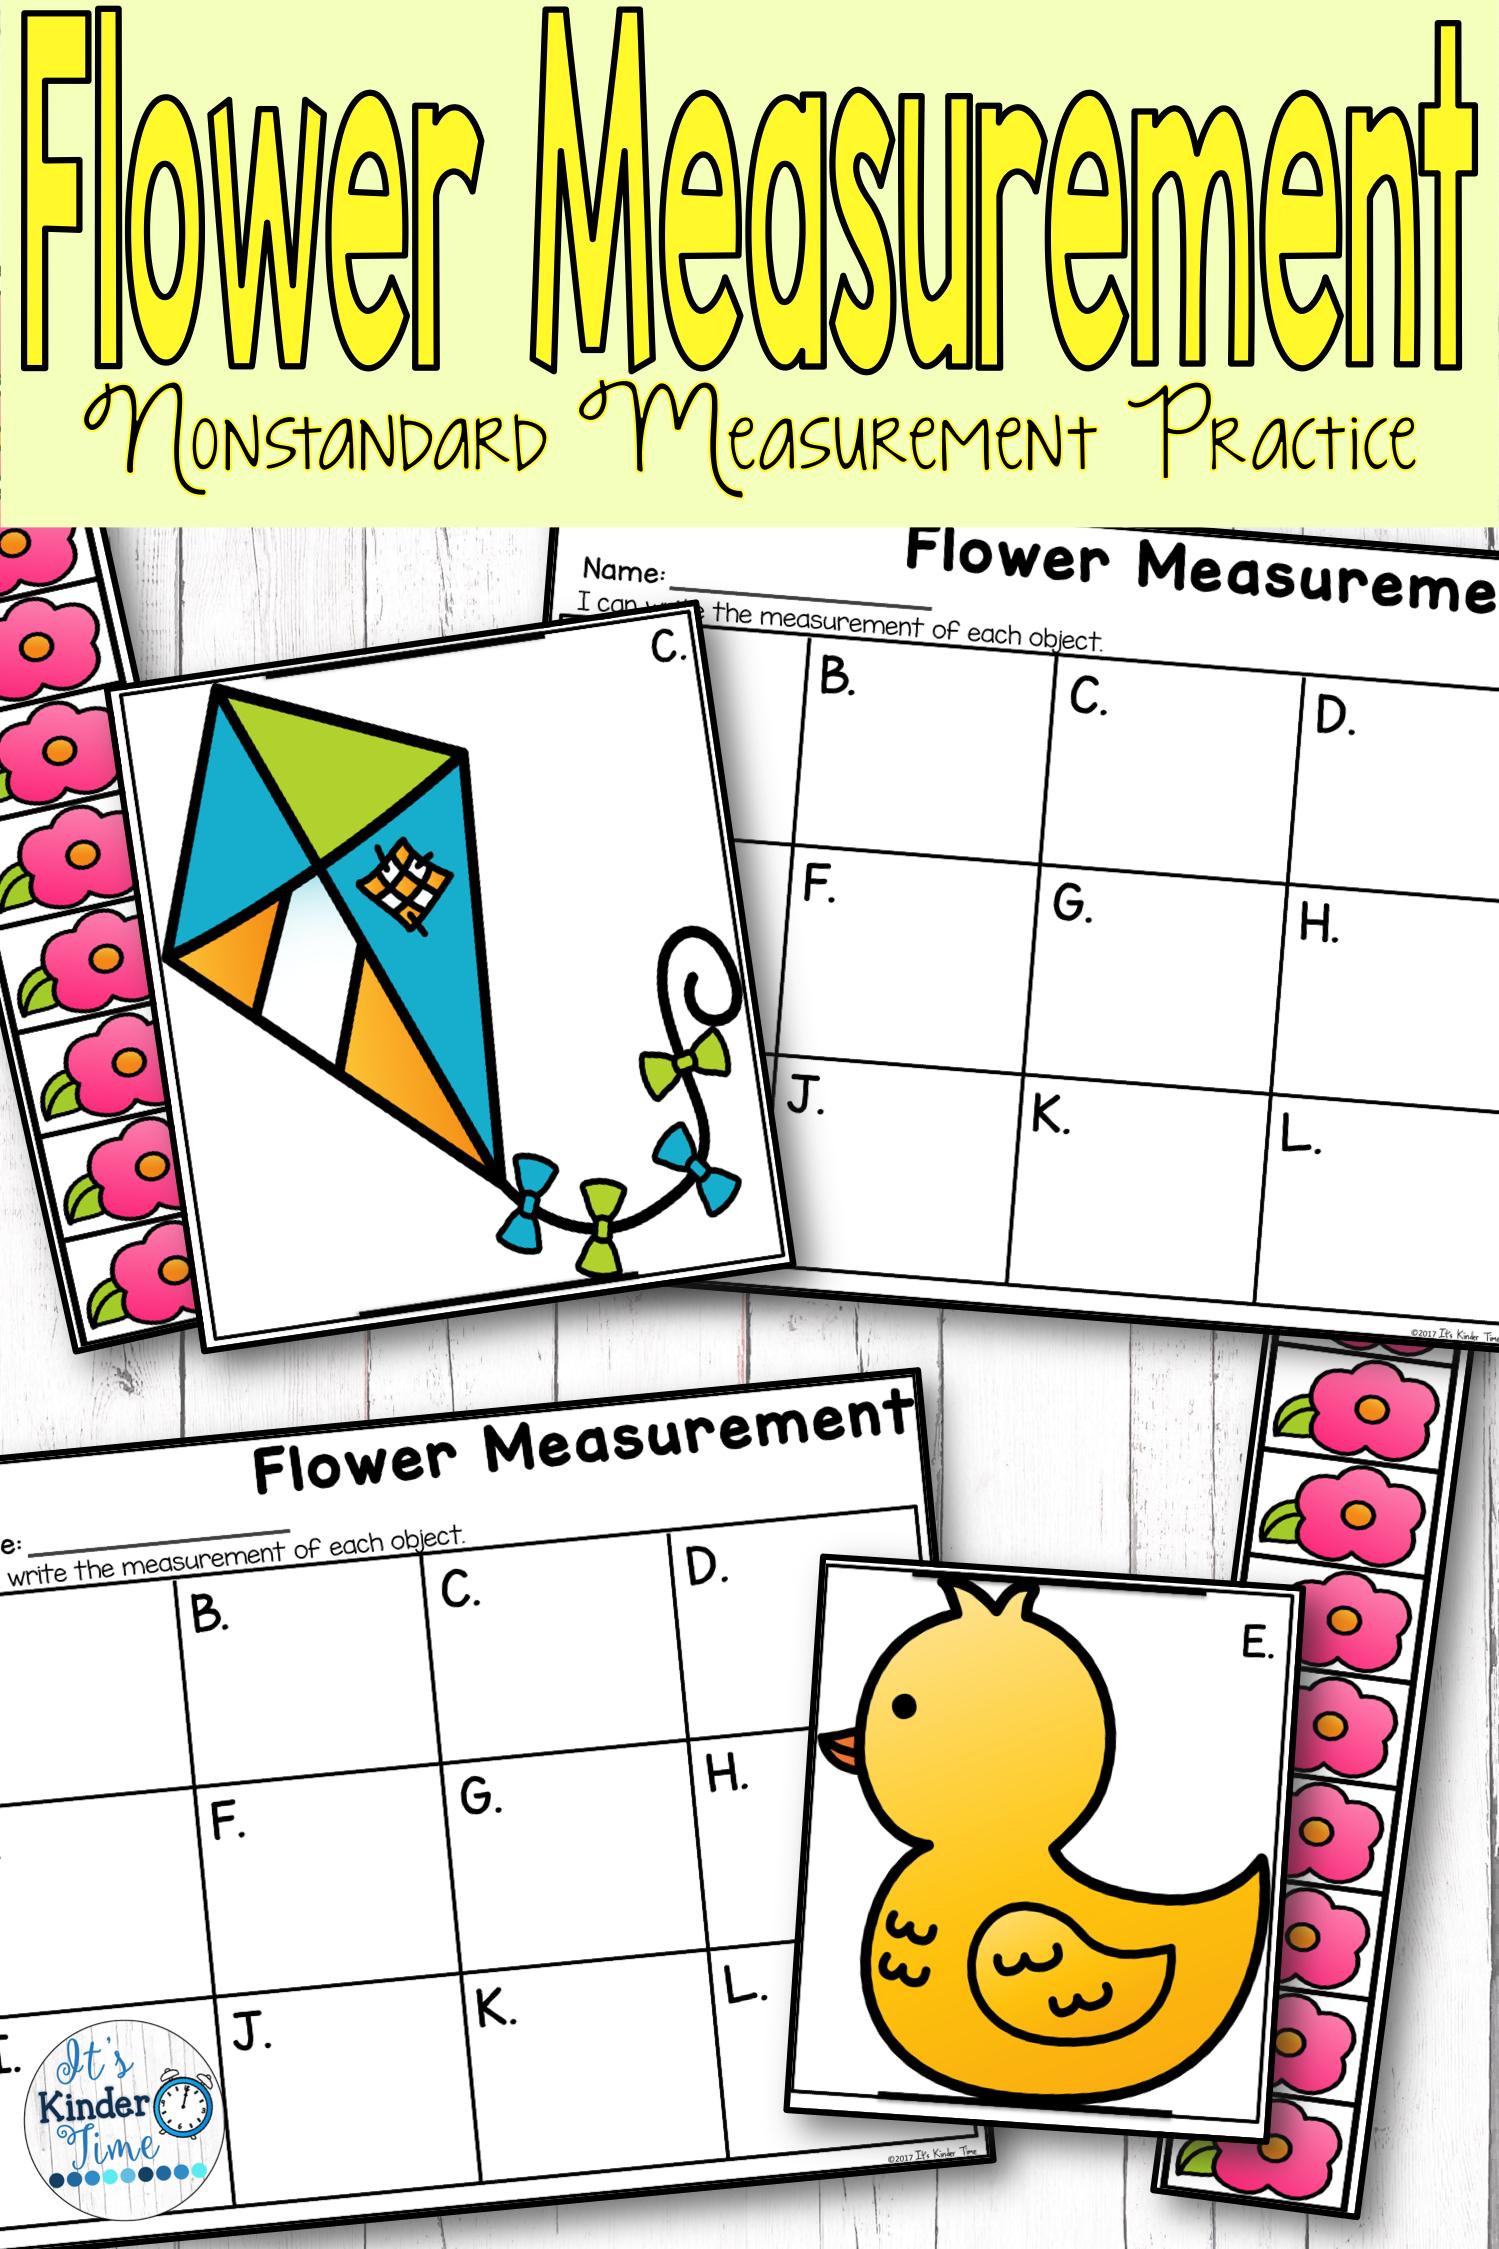 Flower Measurement - Nonstandard Measurement Practice